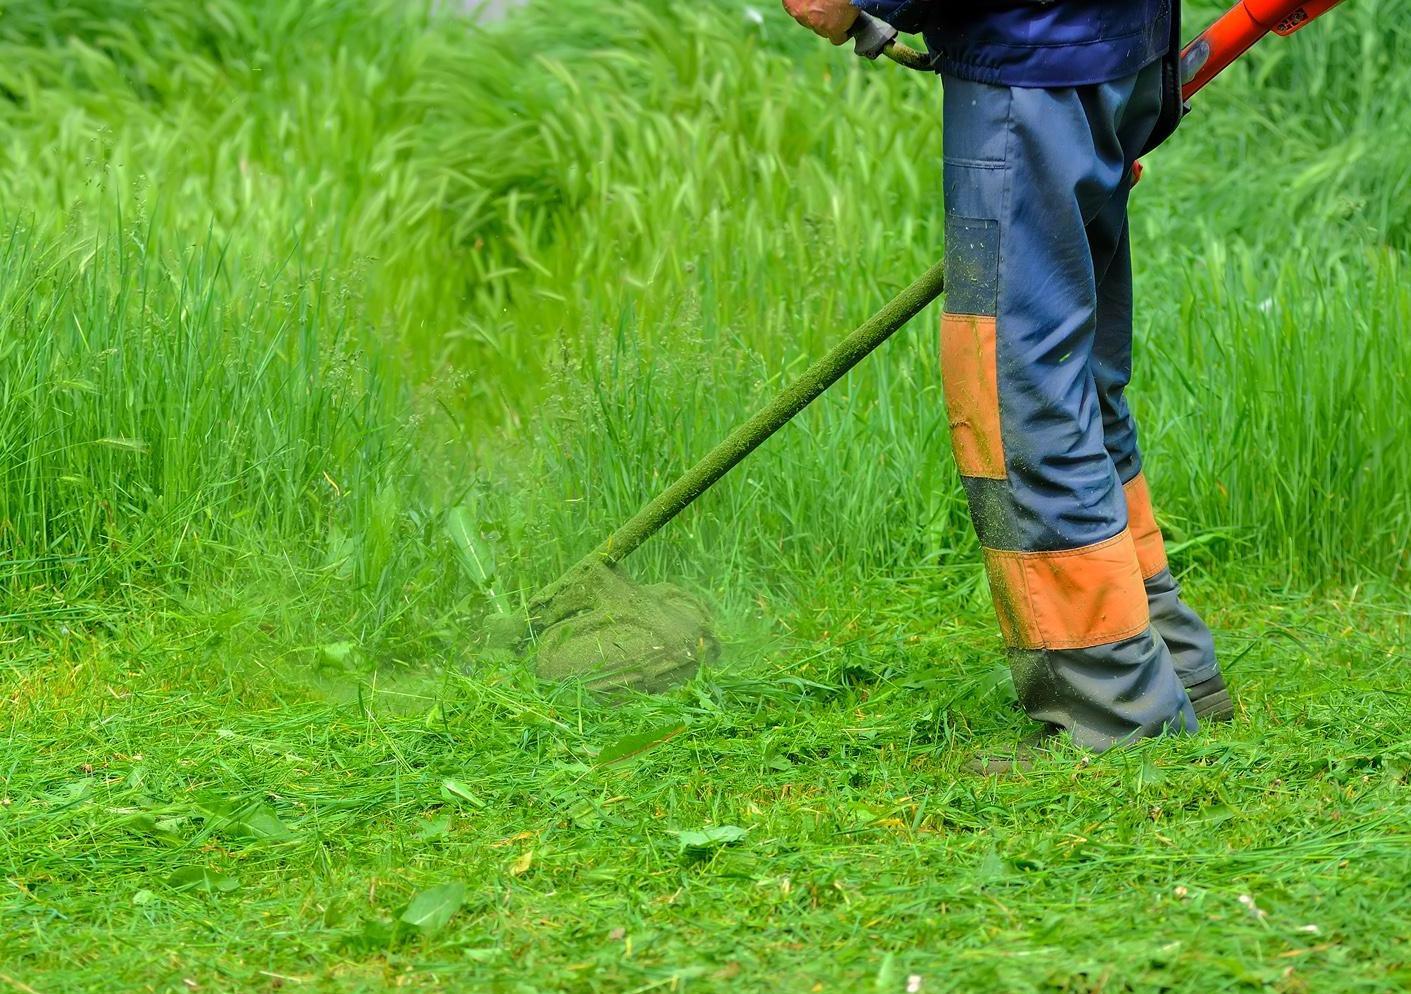 D broussaillage quimper ergu gaberic pluguffan les for Entretien jardinage chez particulier